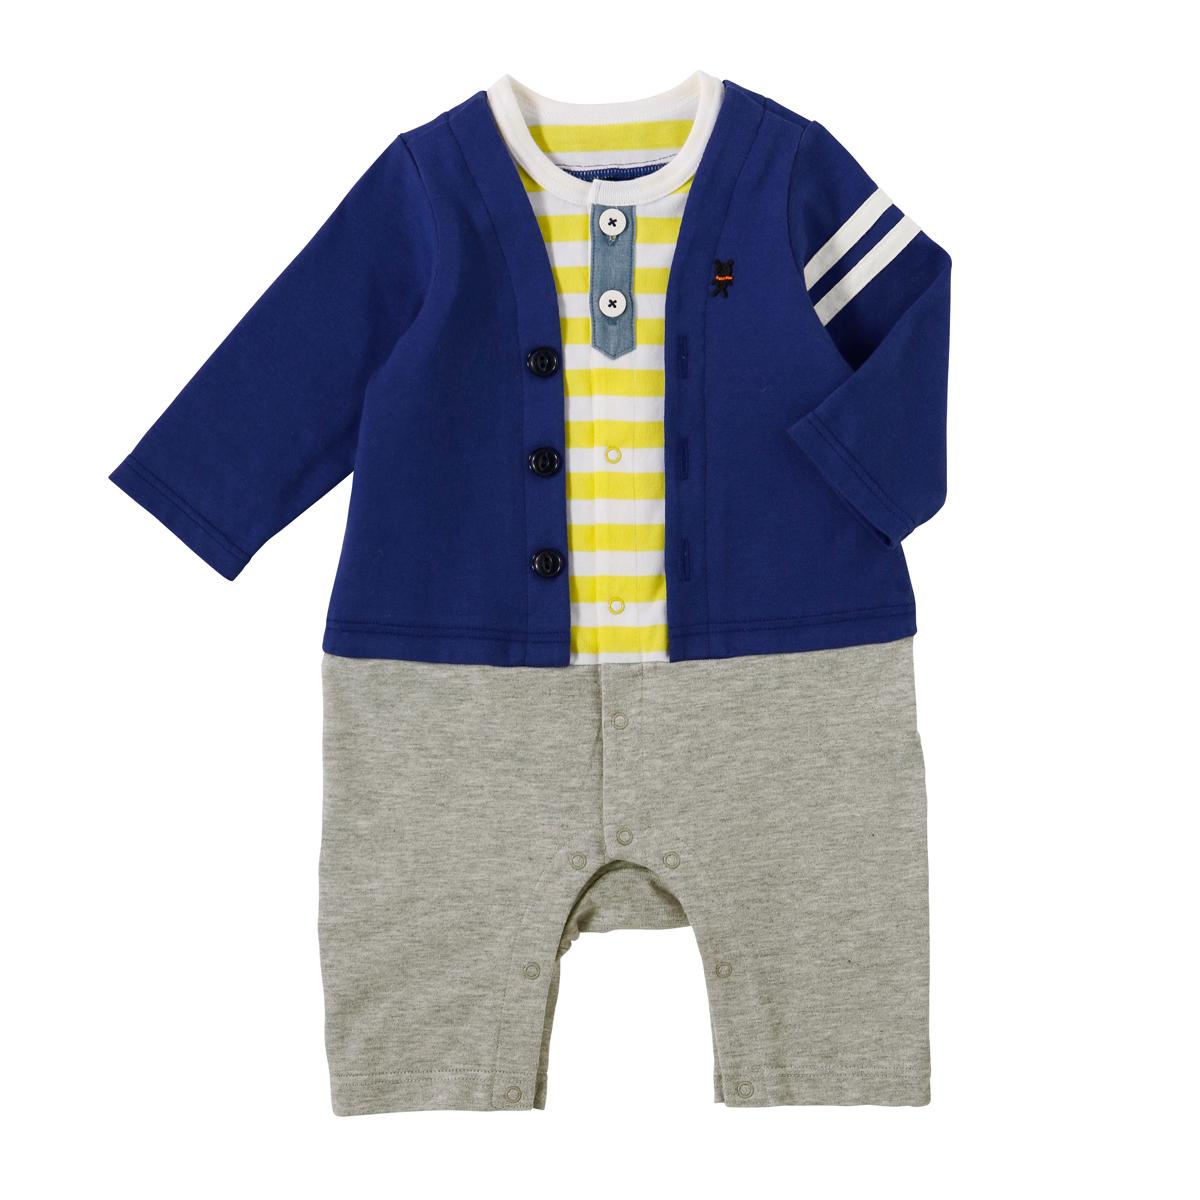 ミキハウス mikihouse カーディガンスタイル風カバーオール(70cm・80cm) 男の子 子供 ベビー服 ベビー 赤ちゃん 前開き セパレート風 天竺素材